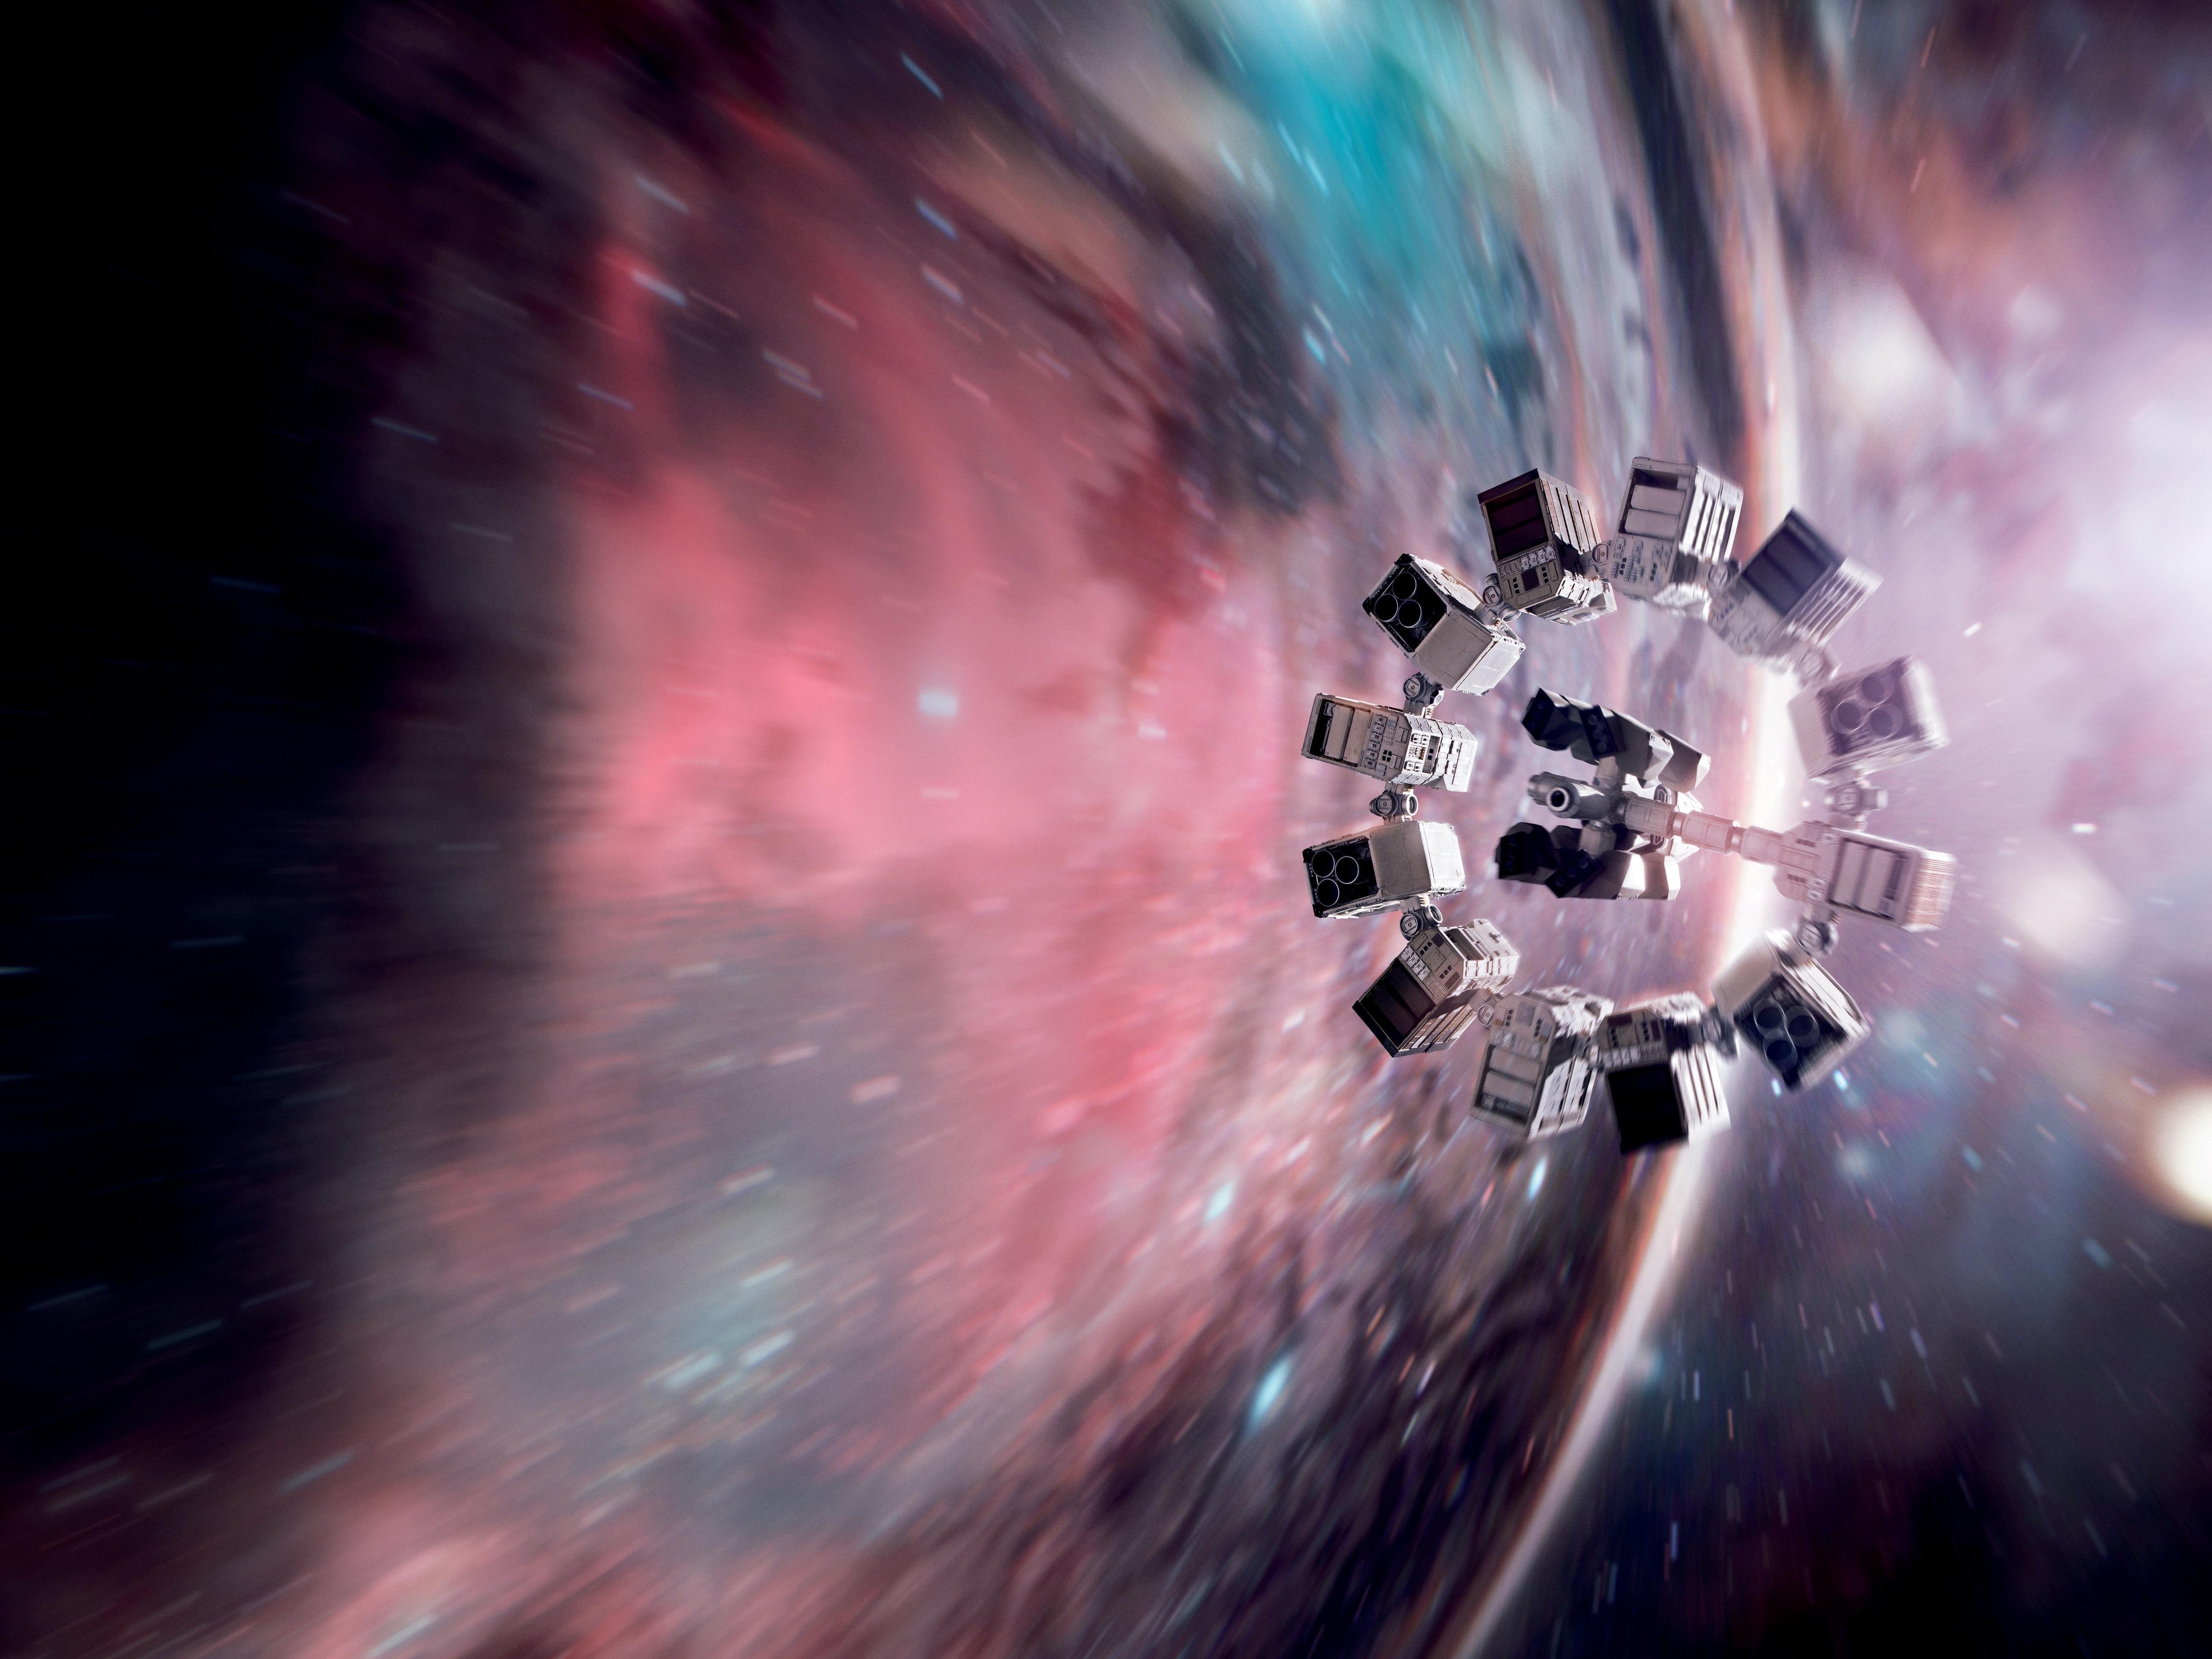 Endurance Interstellar Interstellar Interstellar Movie Den Of Geek